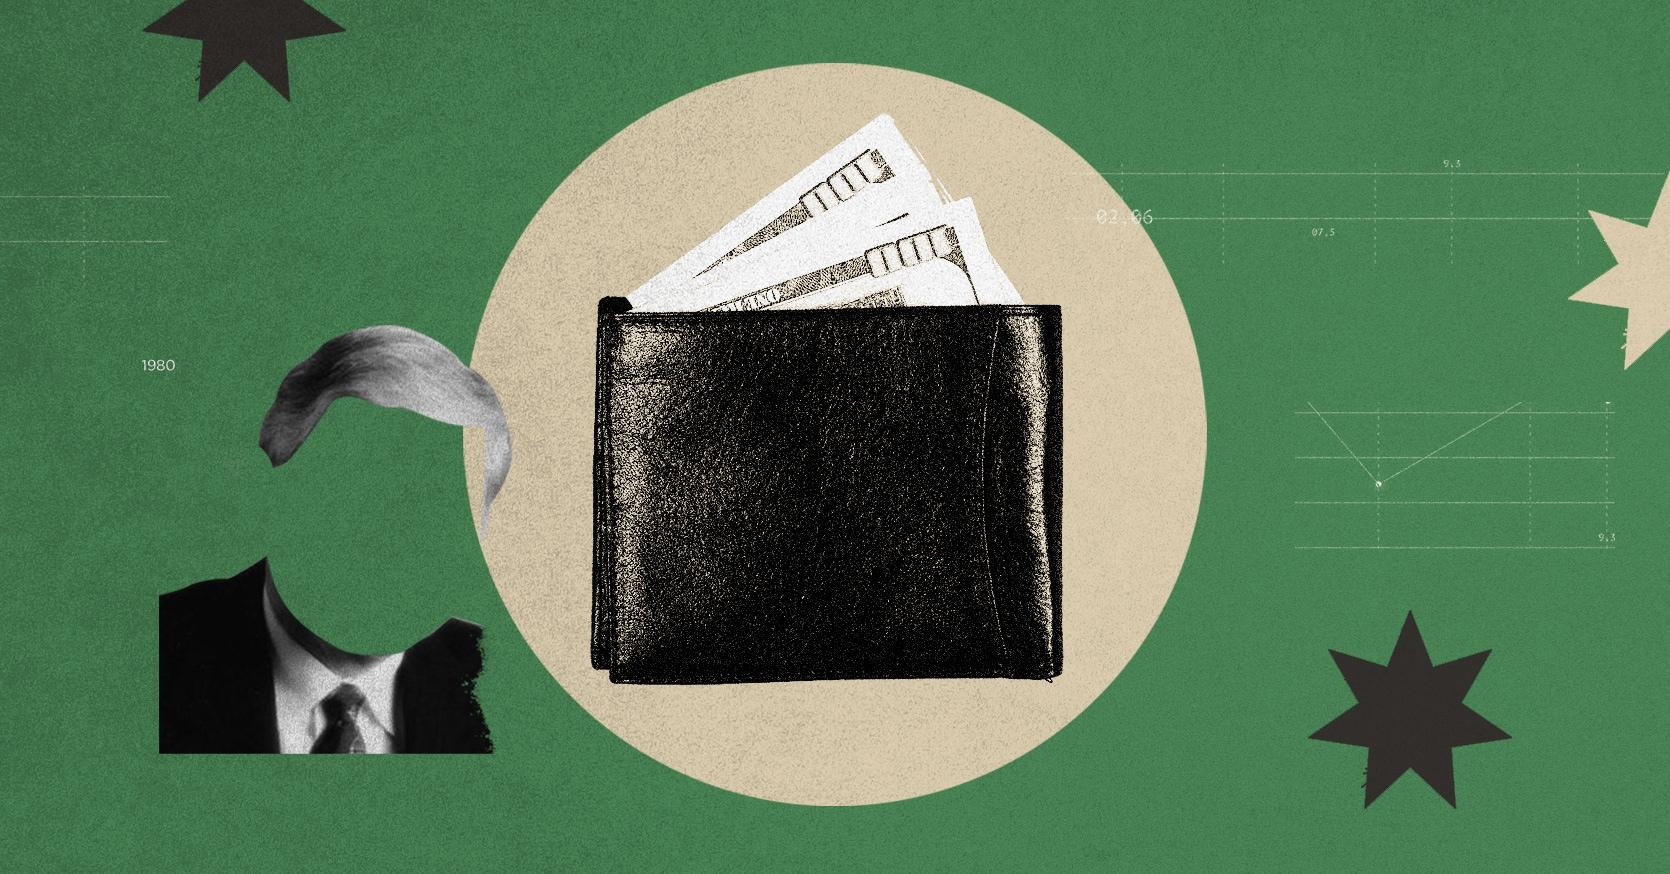 Investimenti, così sta funzionando il portafoglio «perfetto» nel corso del 2020 thumbnail